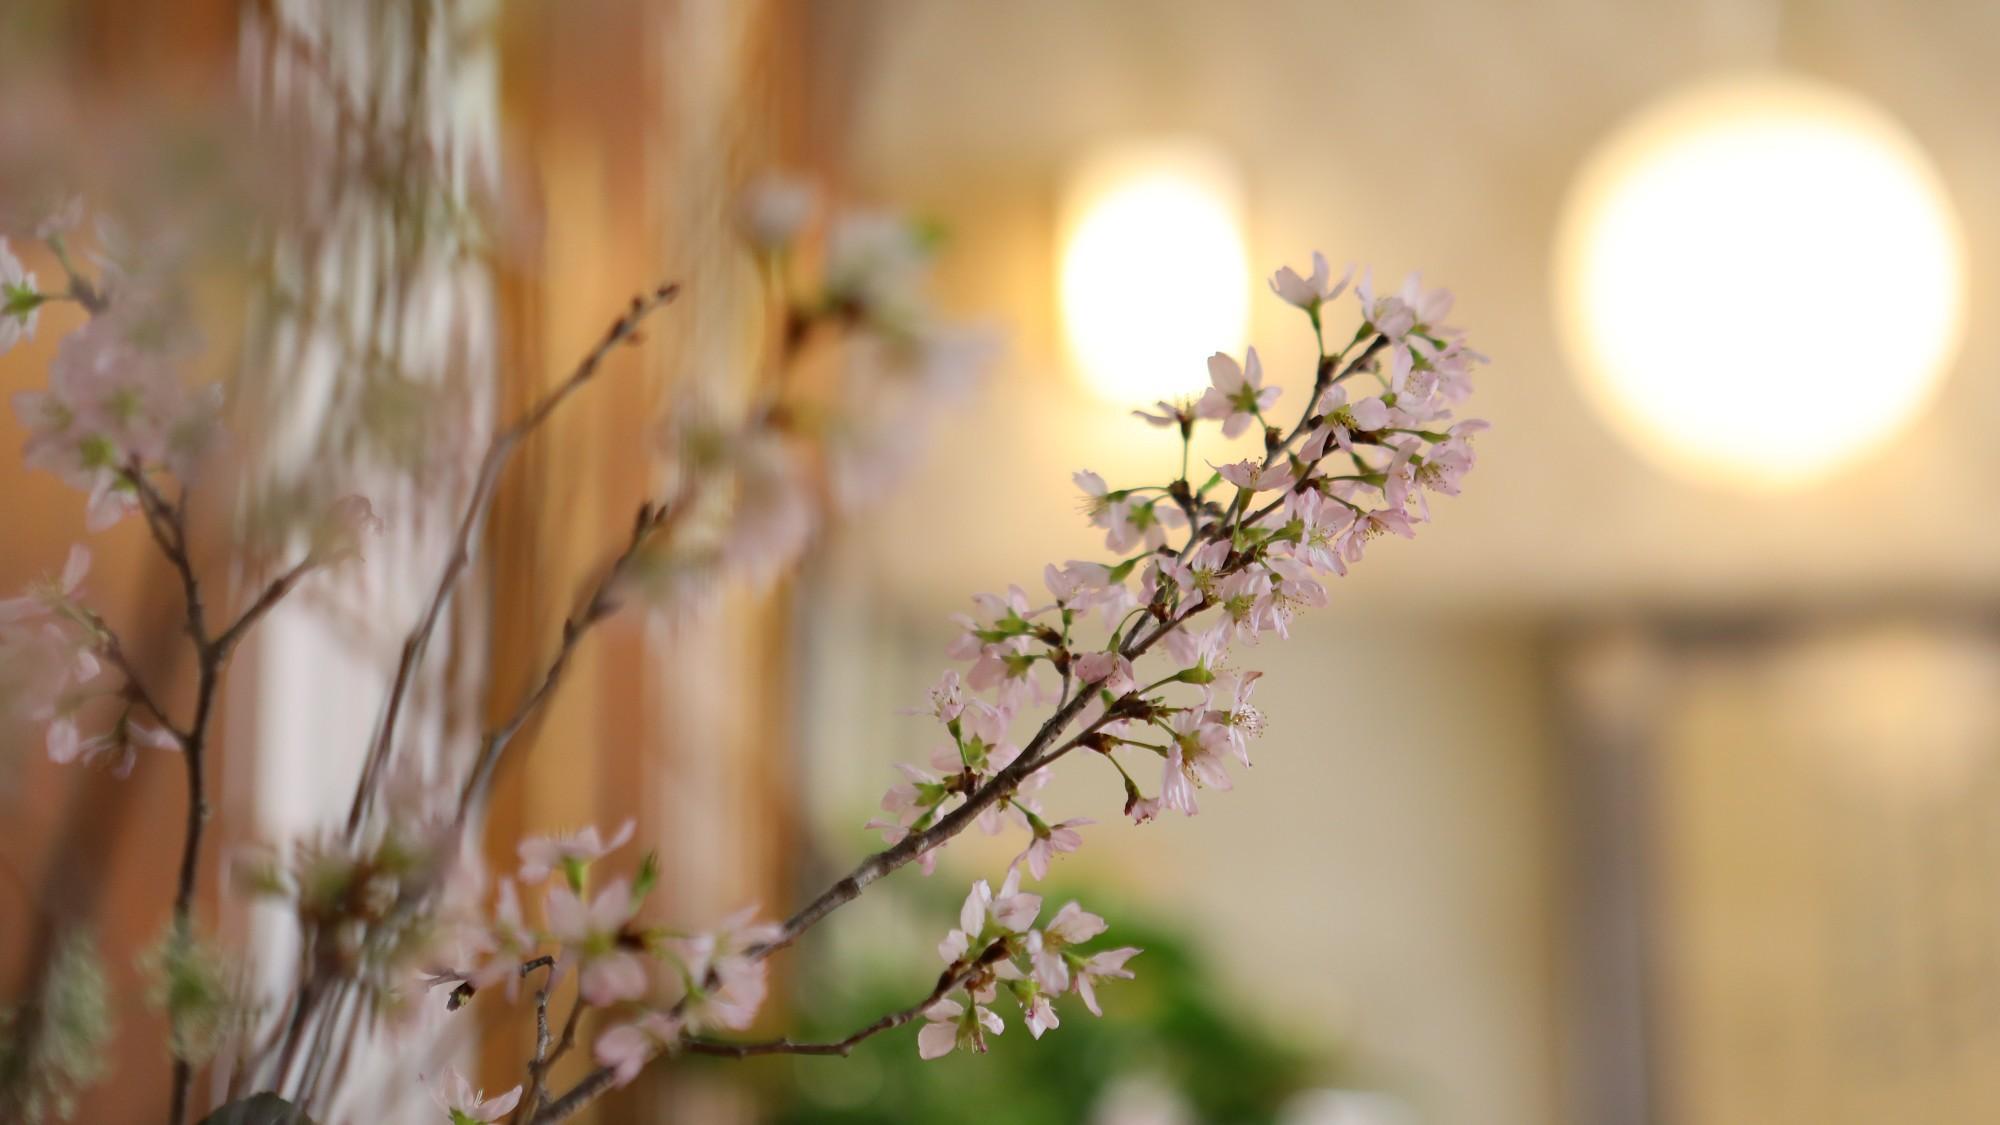 季節の花を添えて、皆様のご来館を心よりお待ちいたしております。